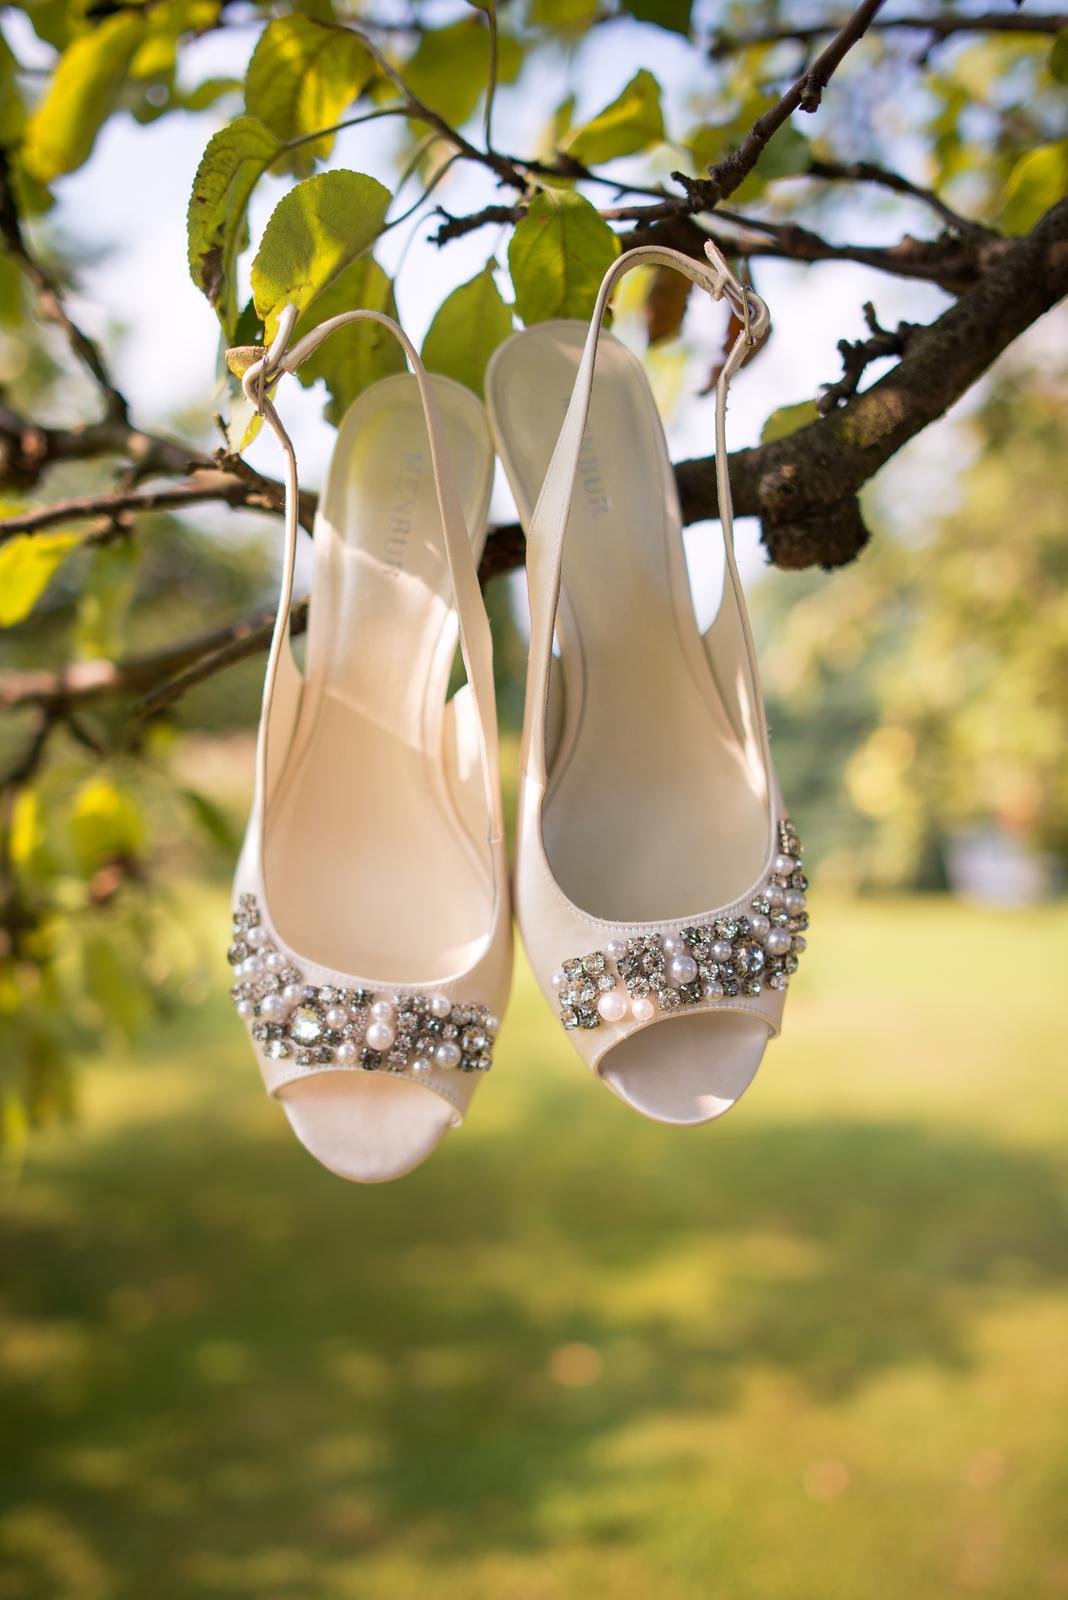 Jinak můžeš taky vyzkoušet svatební salóny - spousta z nich nabízí svatební  obuv. Já měla bílé šaty c46d291251